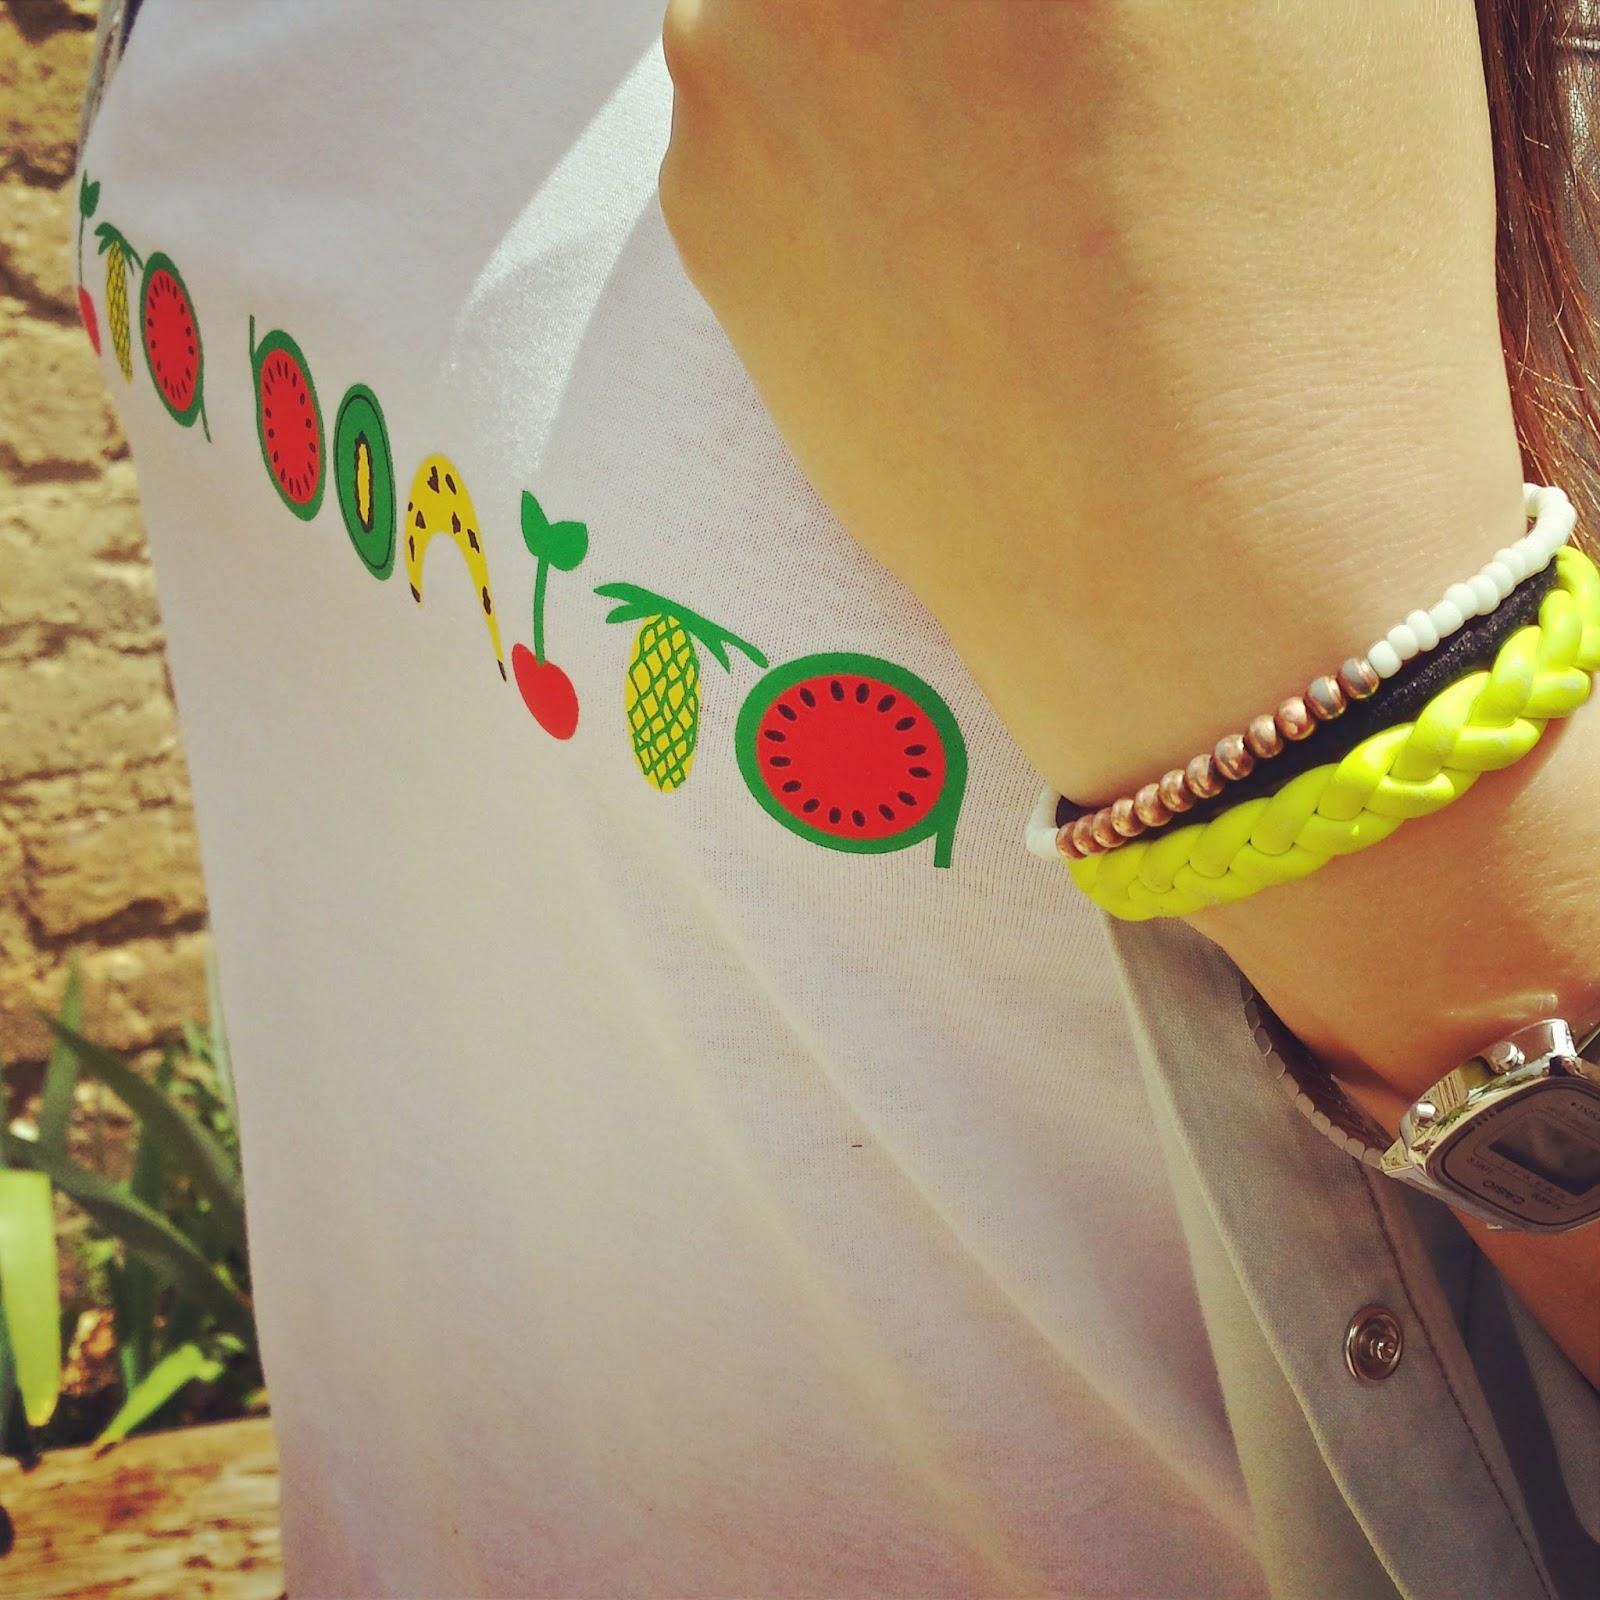 Ya tengo mi tendencia primavera verano con print de frutas o tropical, mi camiseta de carita bonita con letras de frutas.